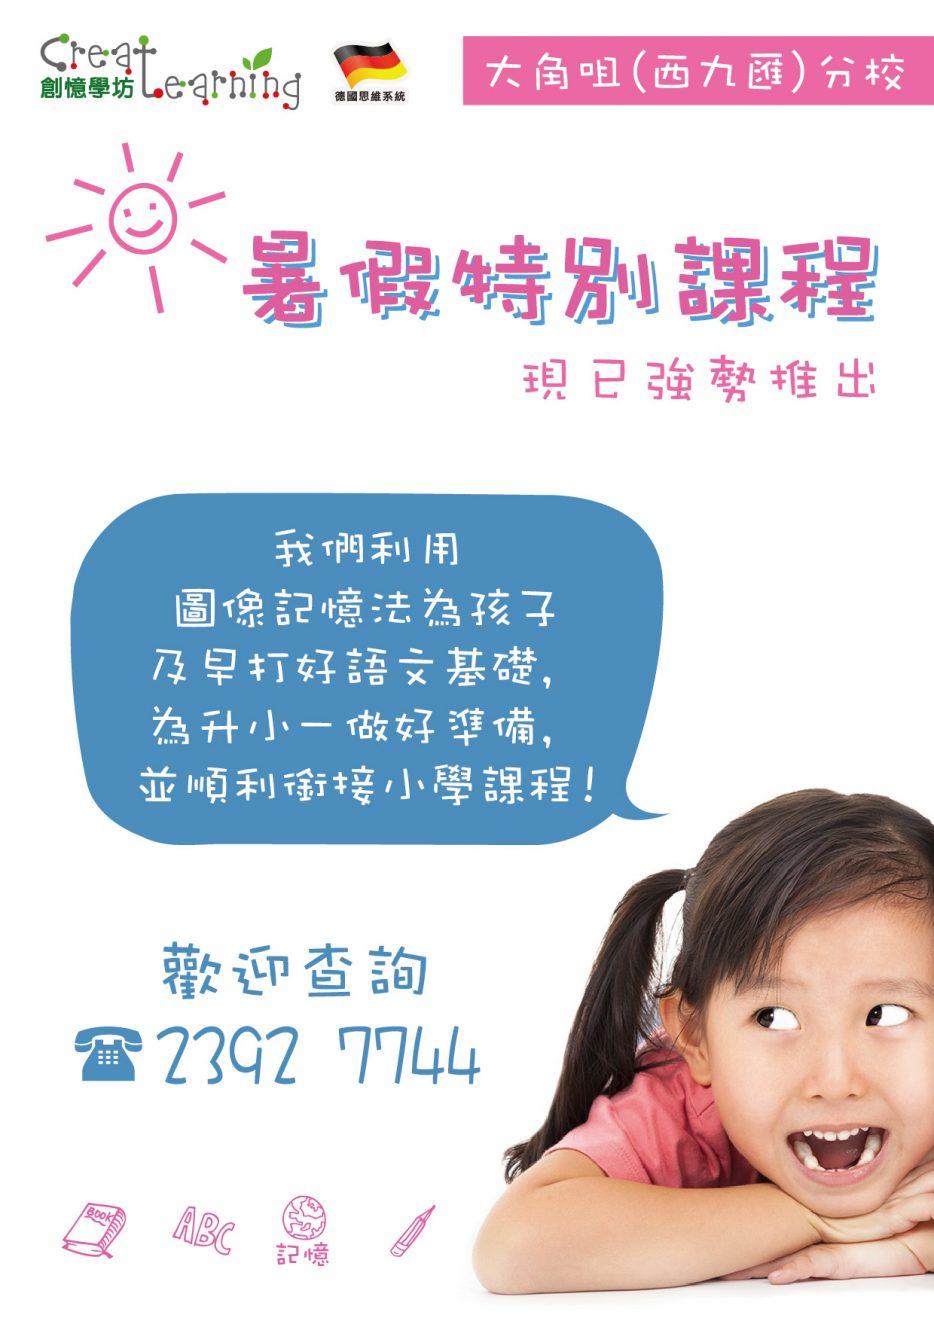 TKT_A4_Poster_20180515-01